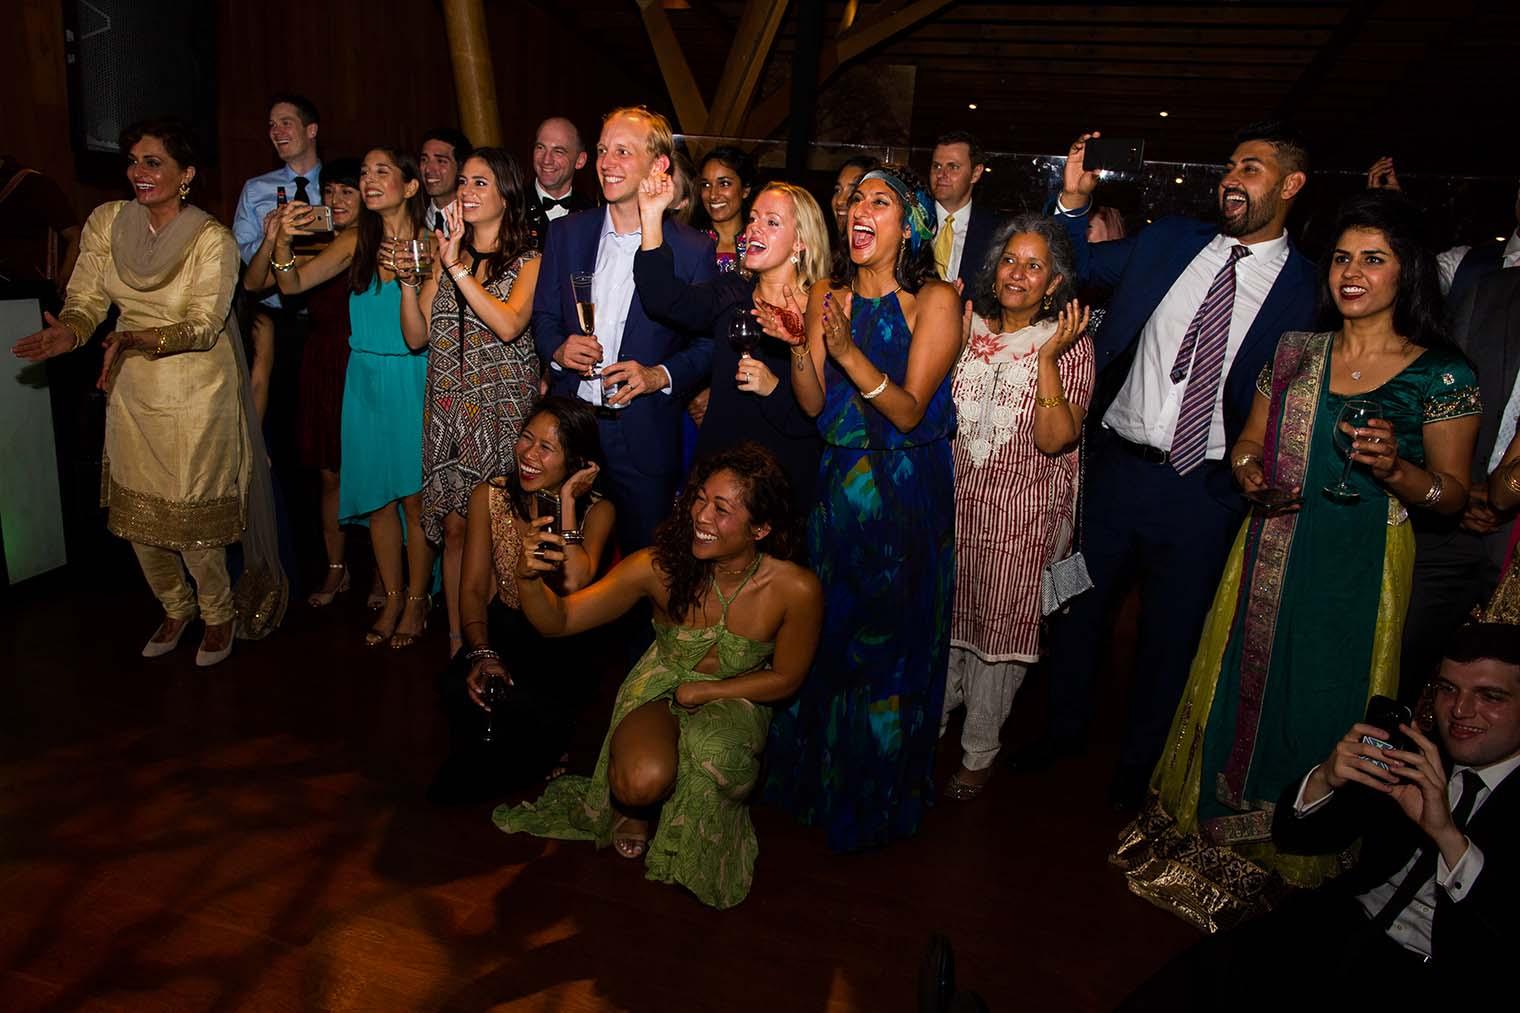 curiodyssey wedding reception